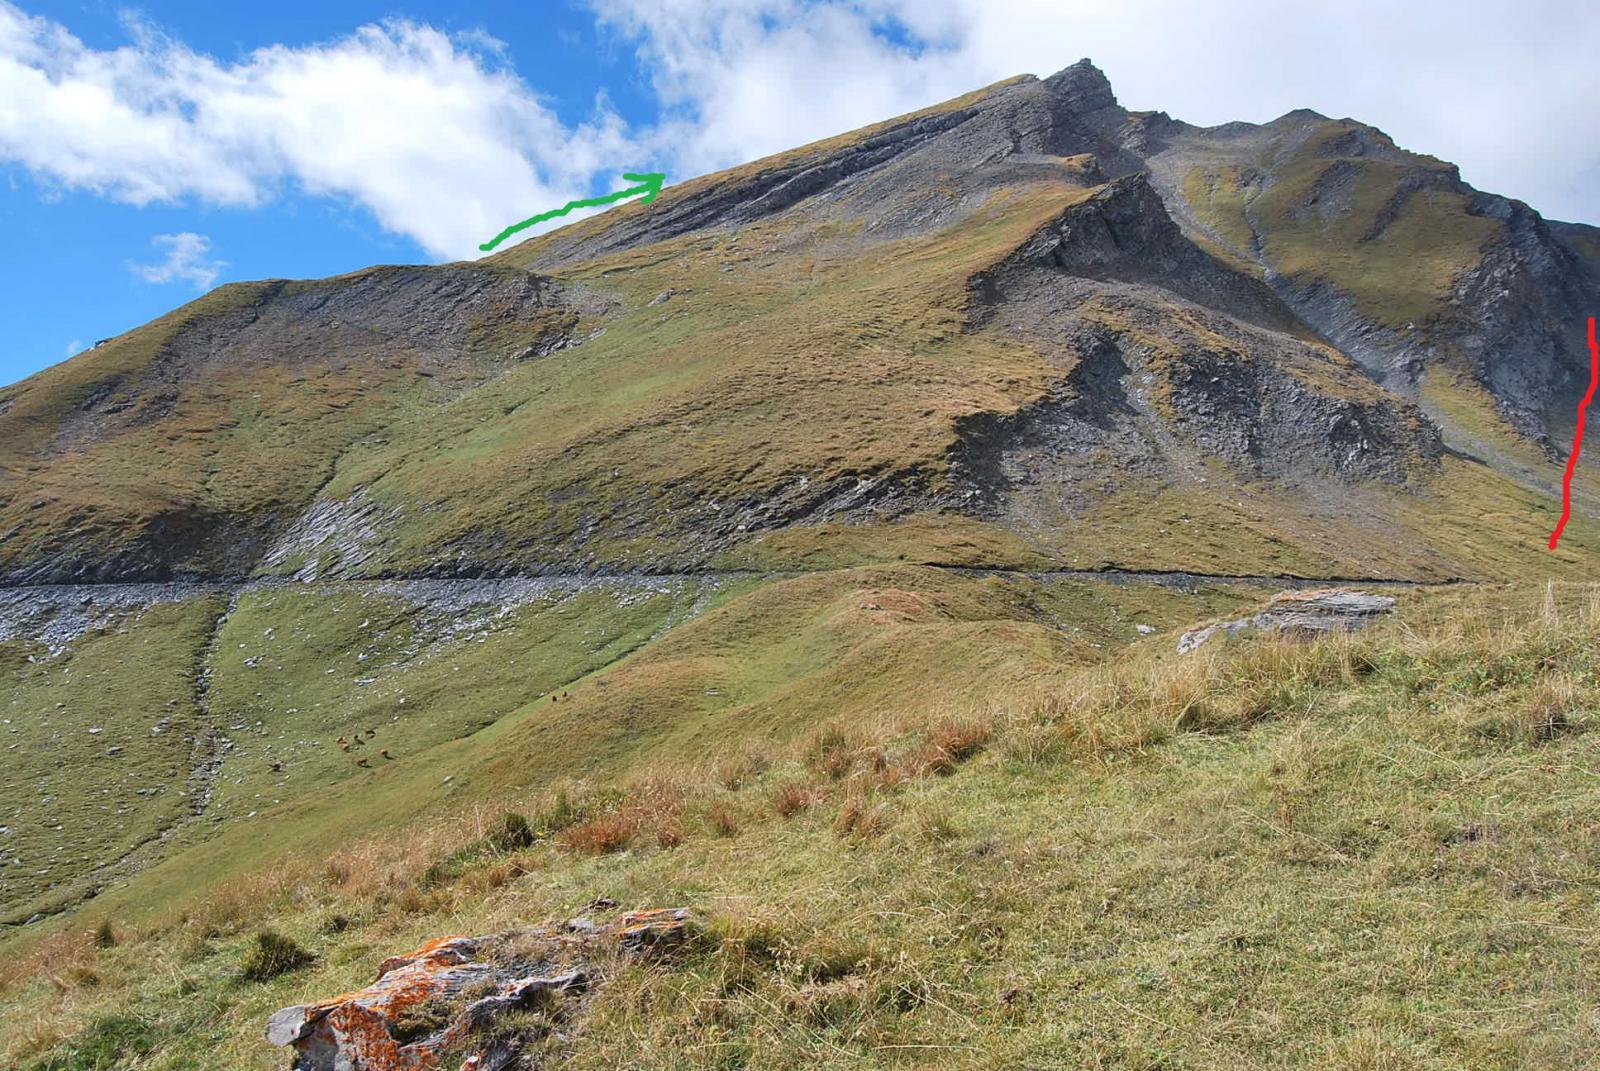 Il Roc du Belleface, con in verde il percorso consigliato per la salita, in rosso quello seguito senza successo.